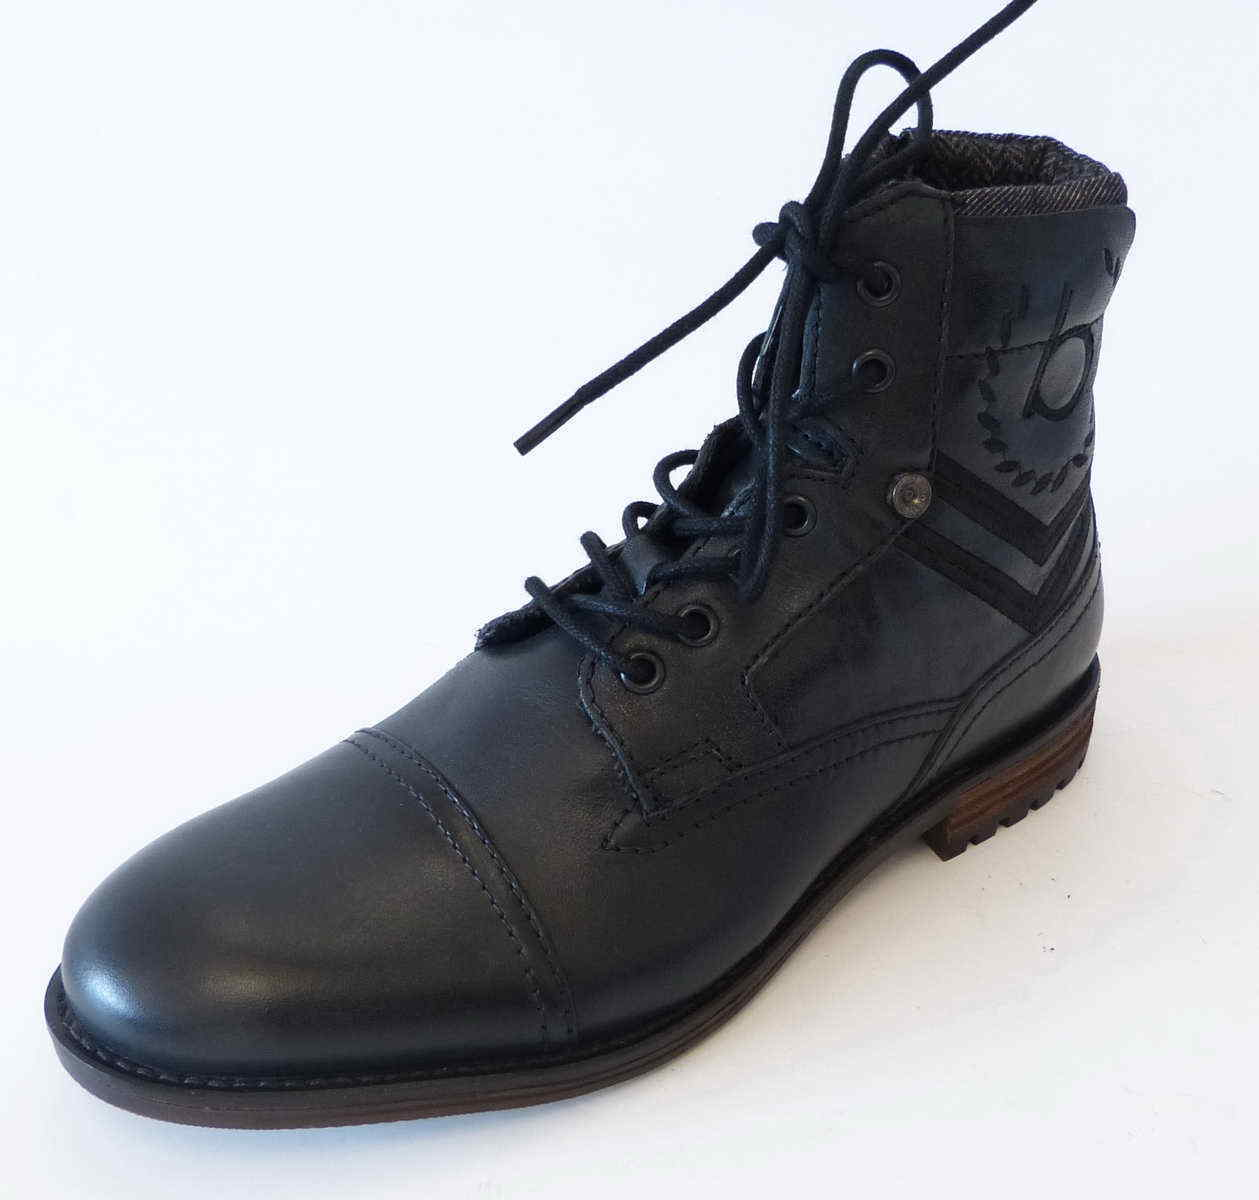 Bugatti Stiefel Cassio schwarz Reißverschluß Leder Schnür Profilsohle Stiefel